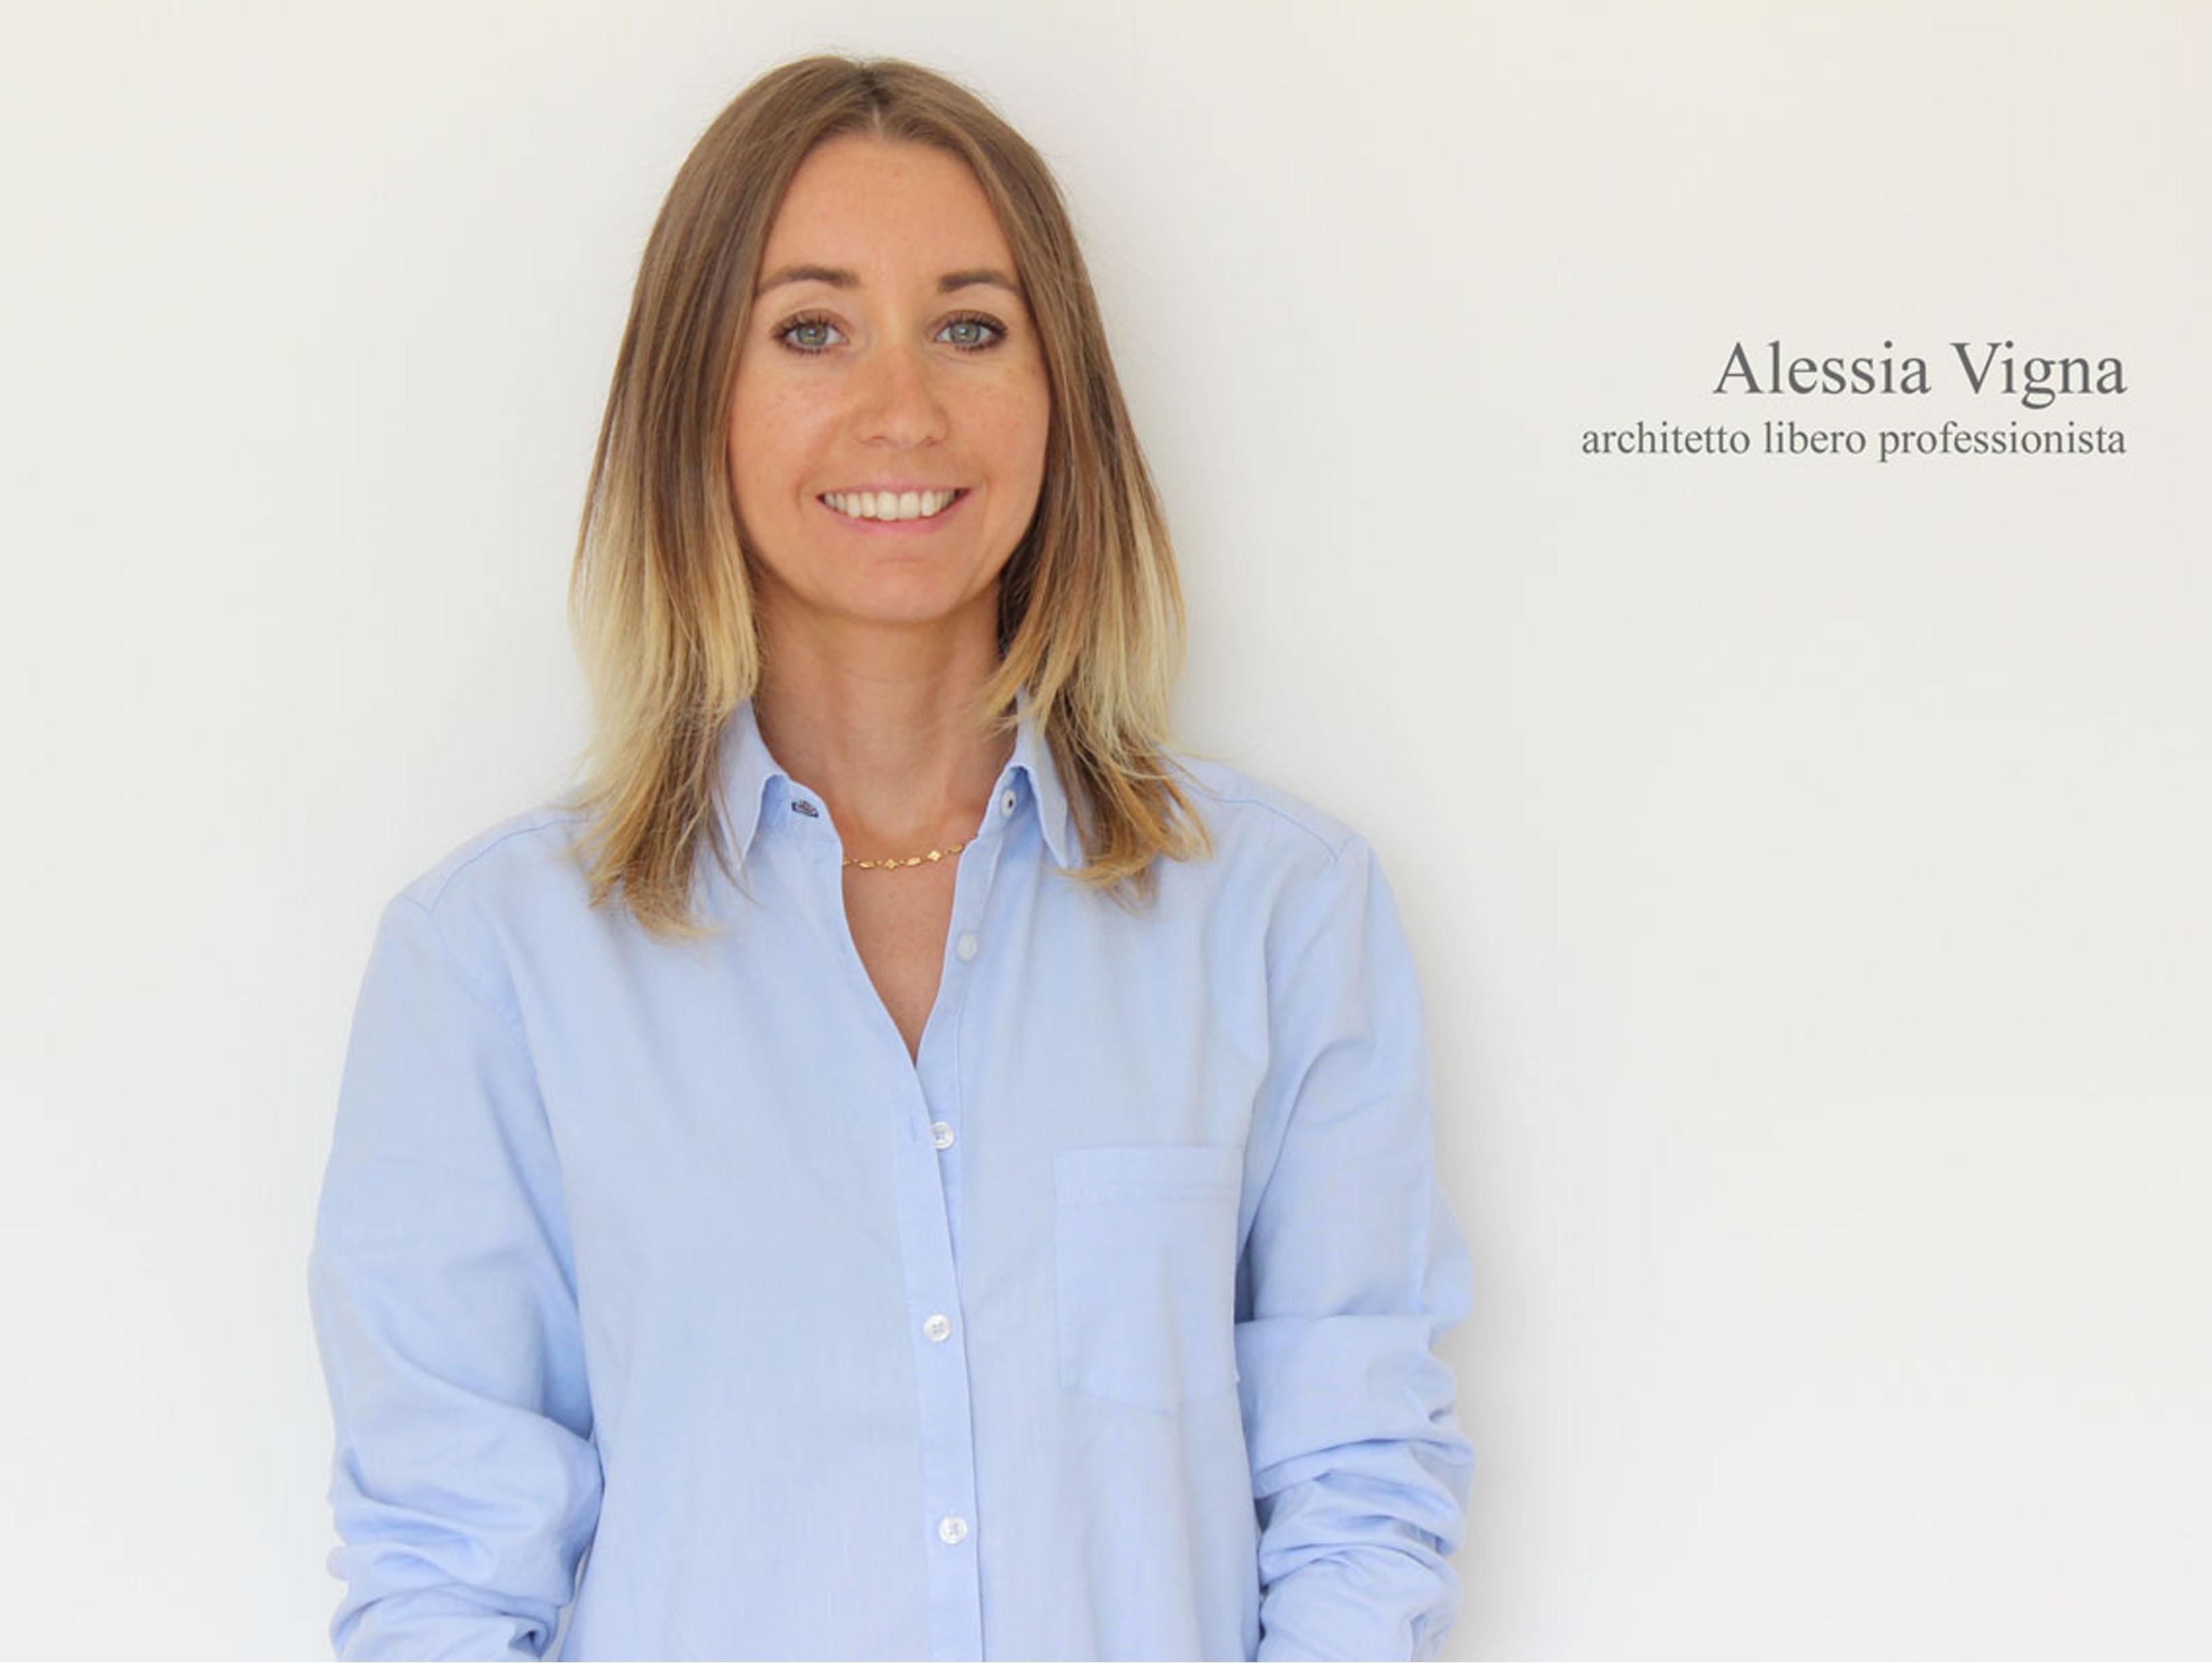 Alessia Vigna